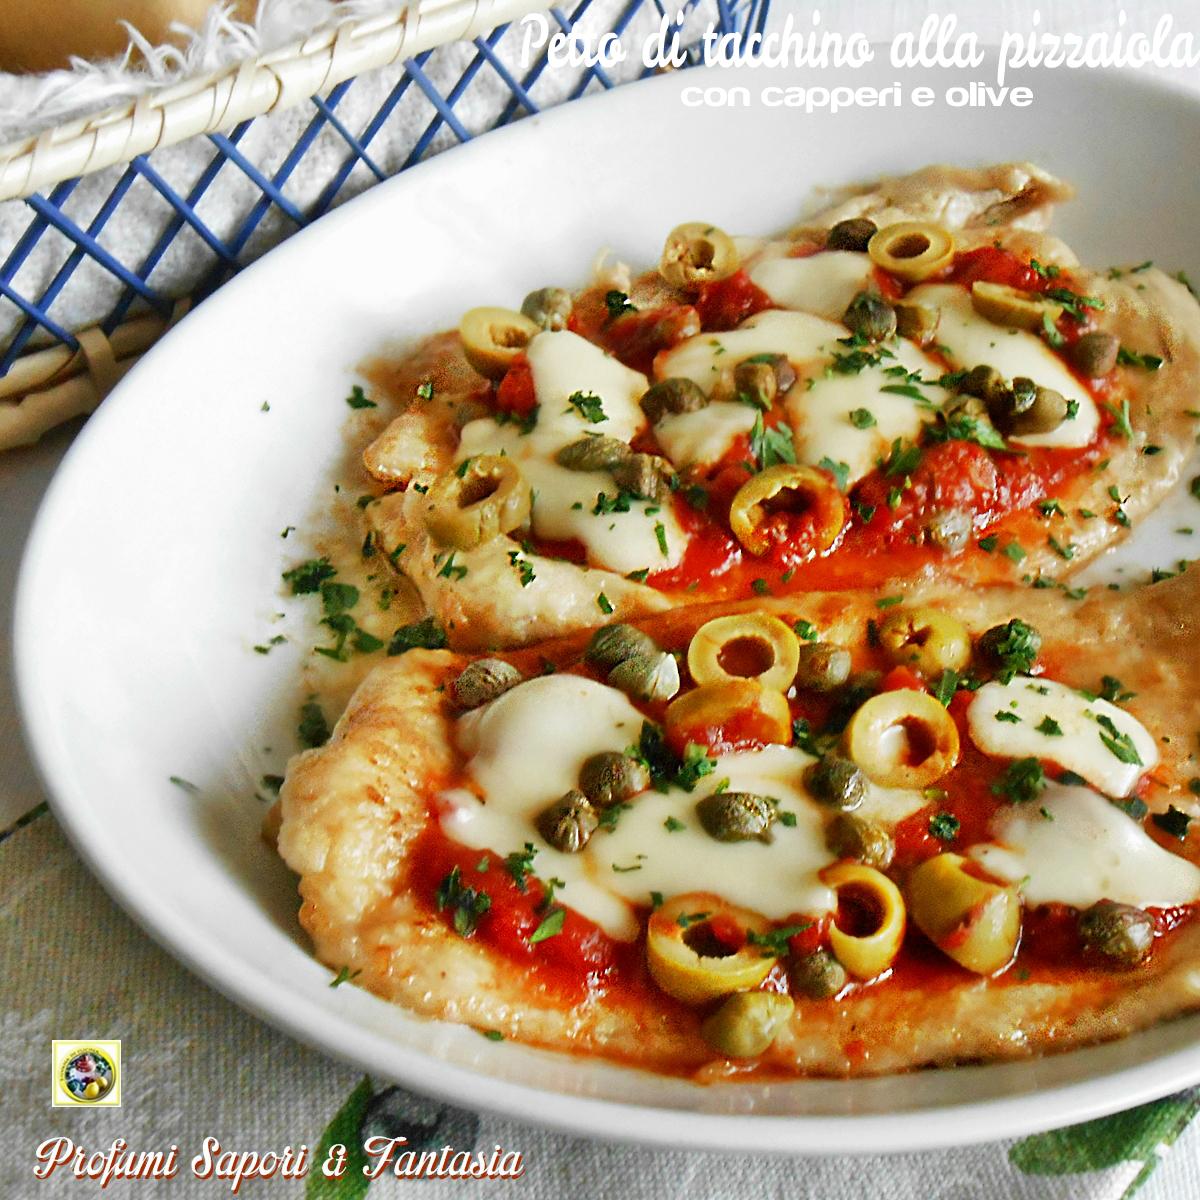 Petto di taccchino alla pizzaiola con capperi e olive